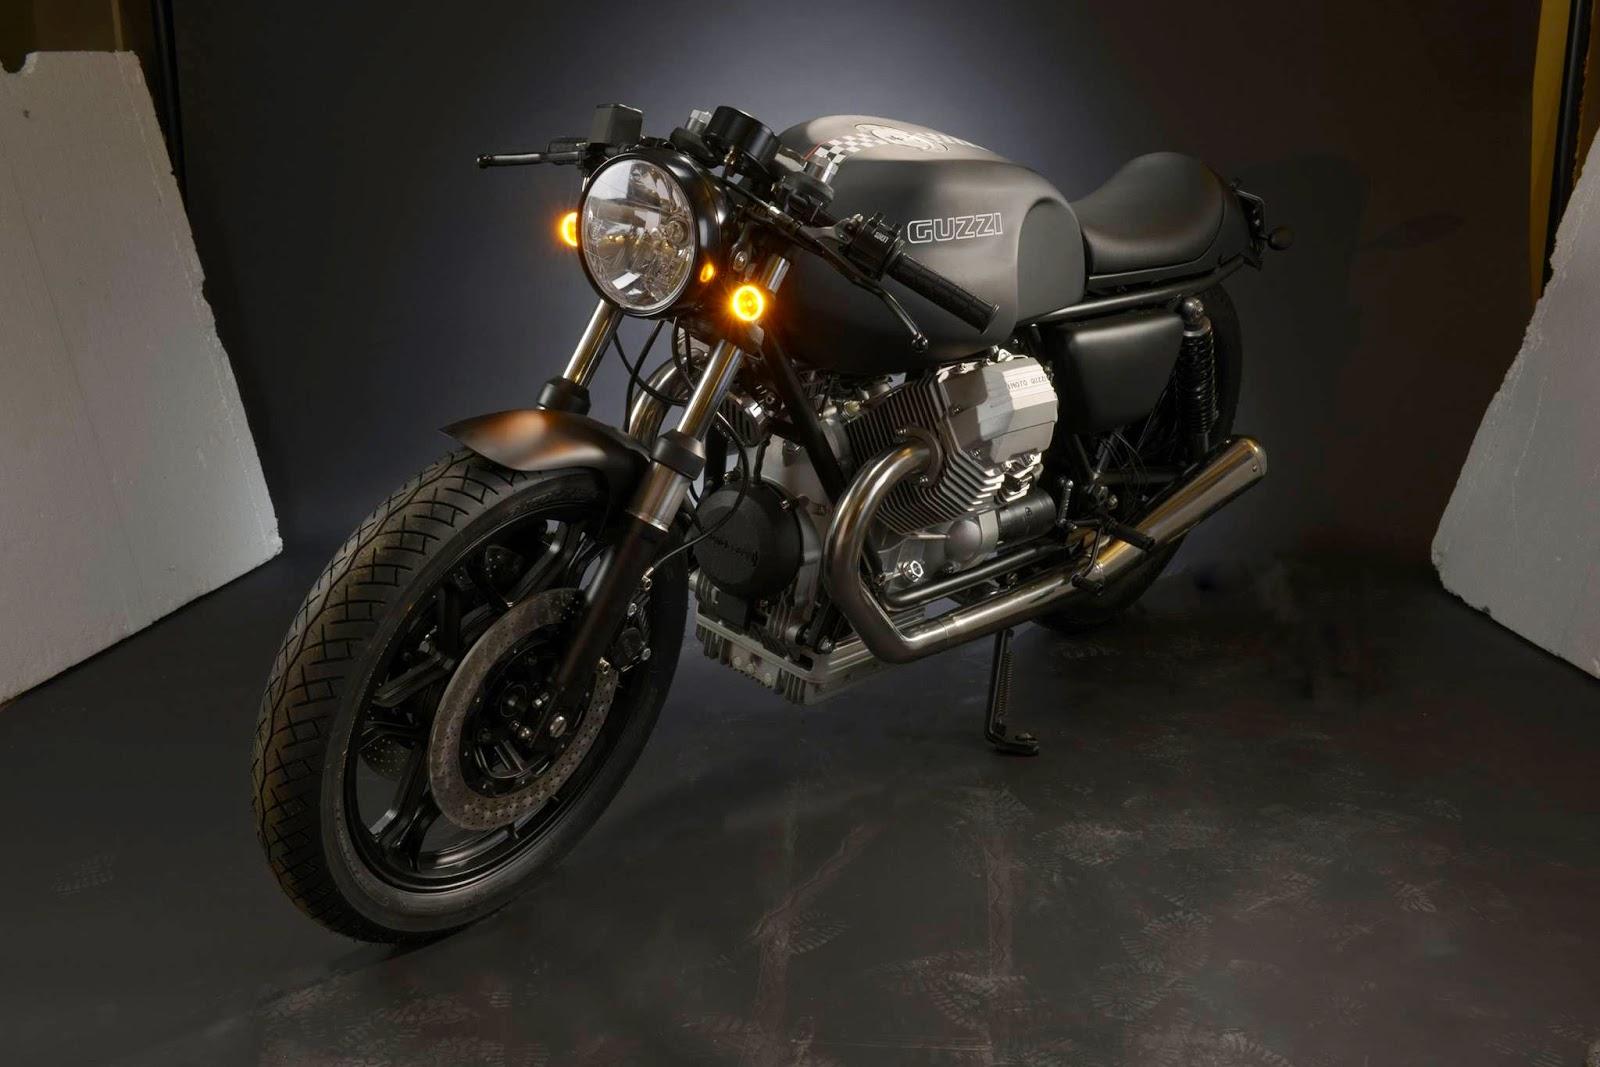 Bullet Moto Moto Guzzi Bullet 1000 by